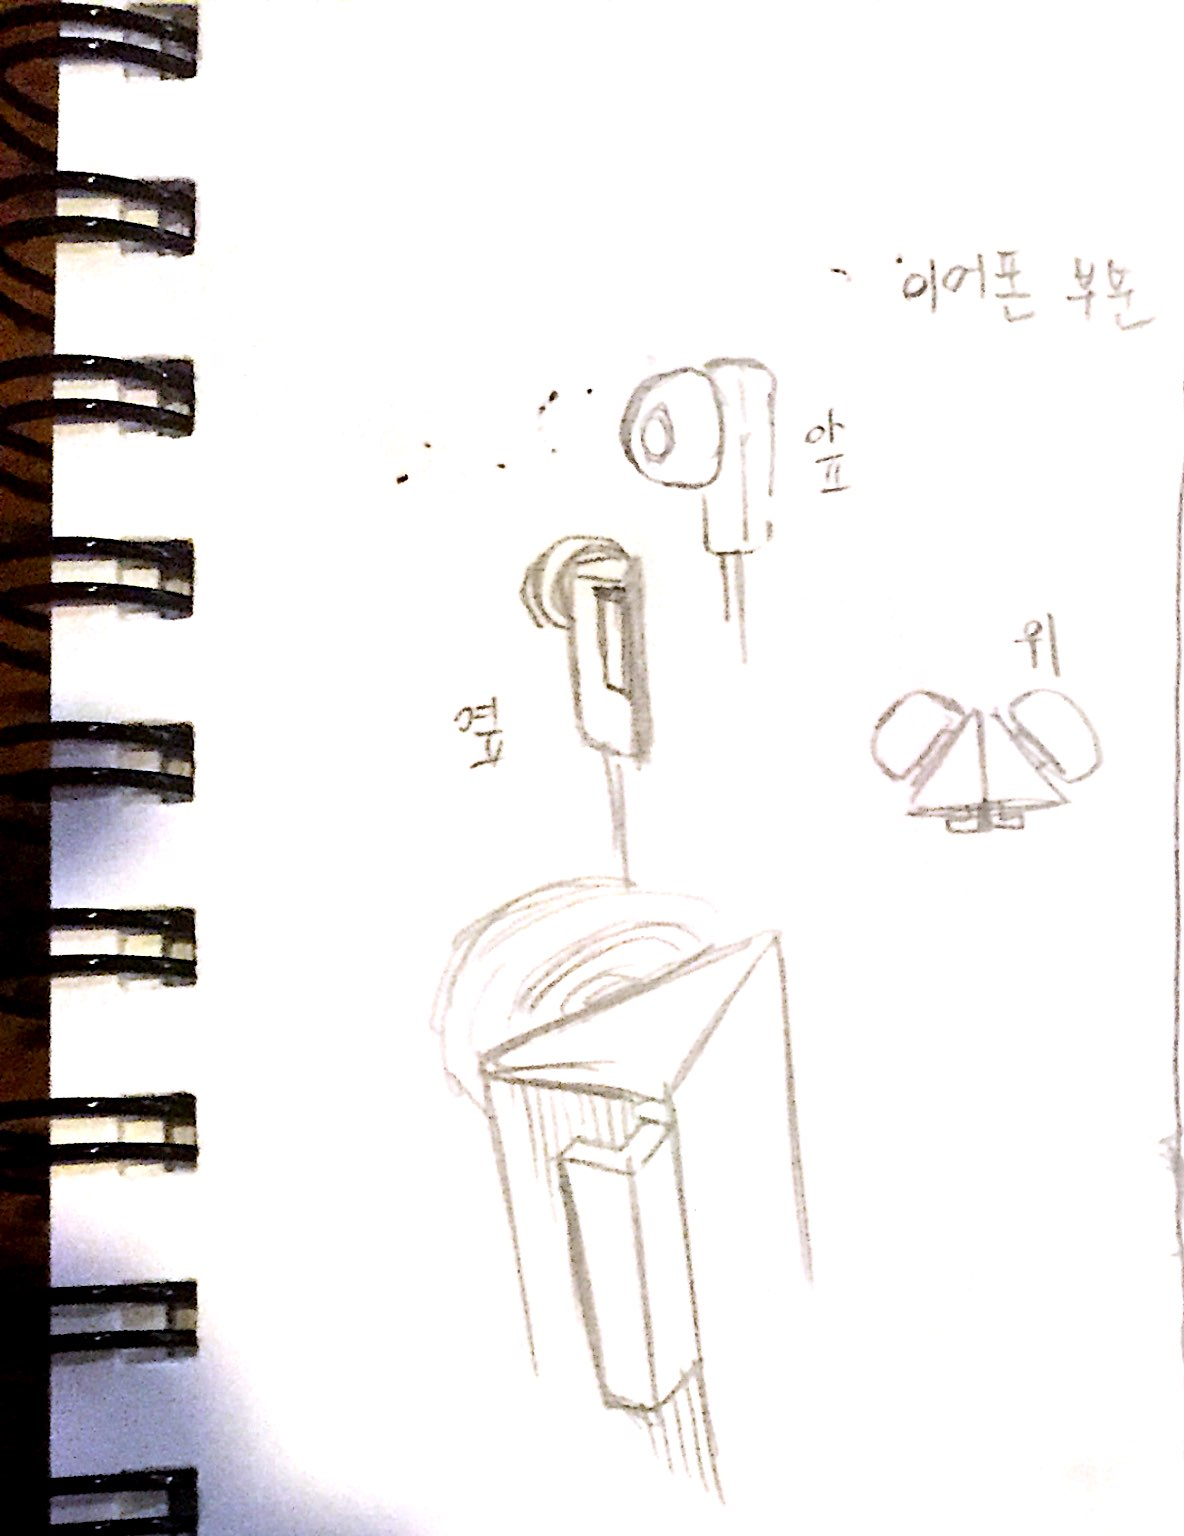 팔찌가 되는 이어폰 시안